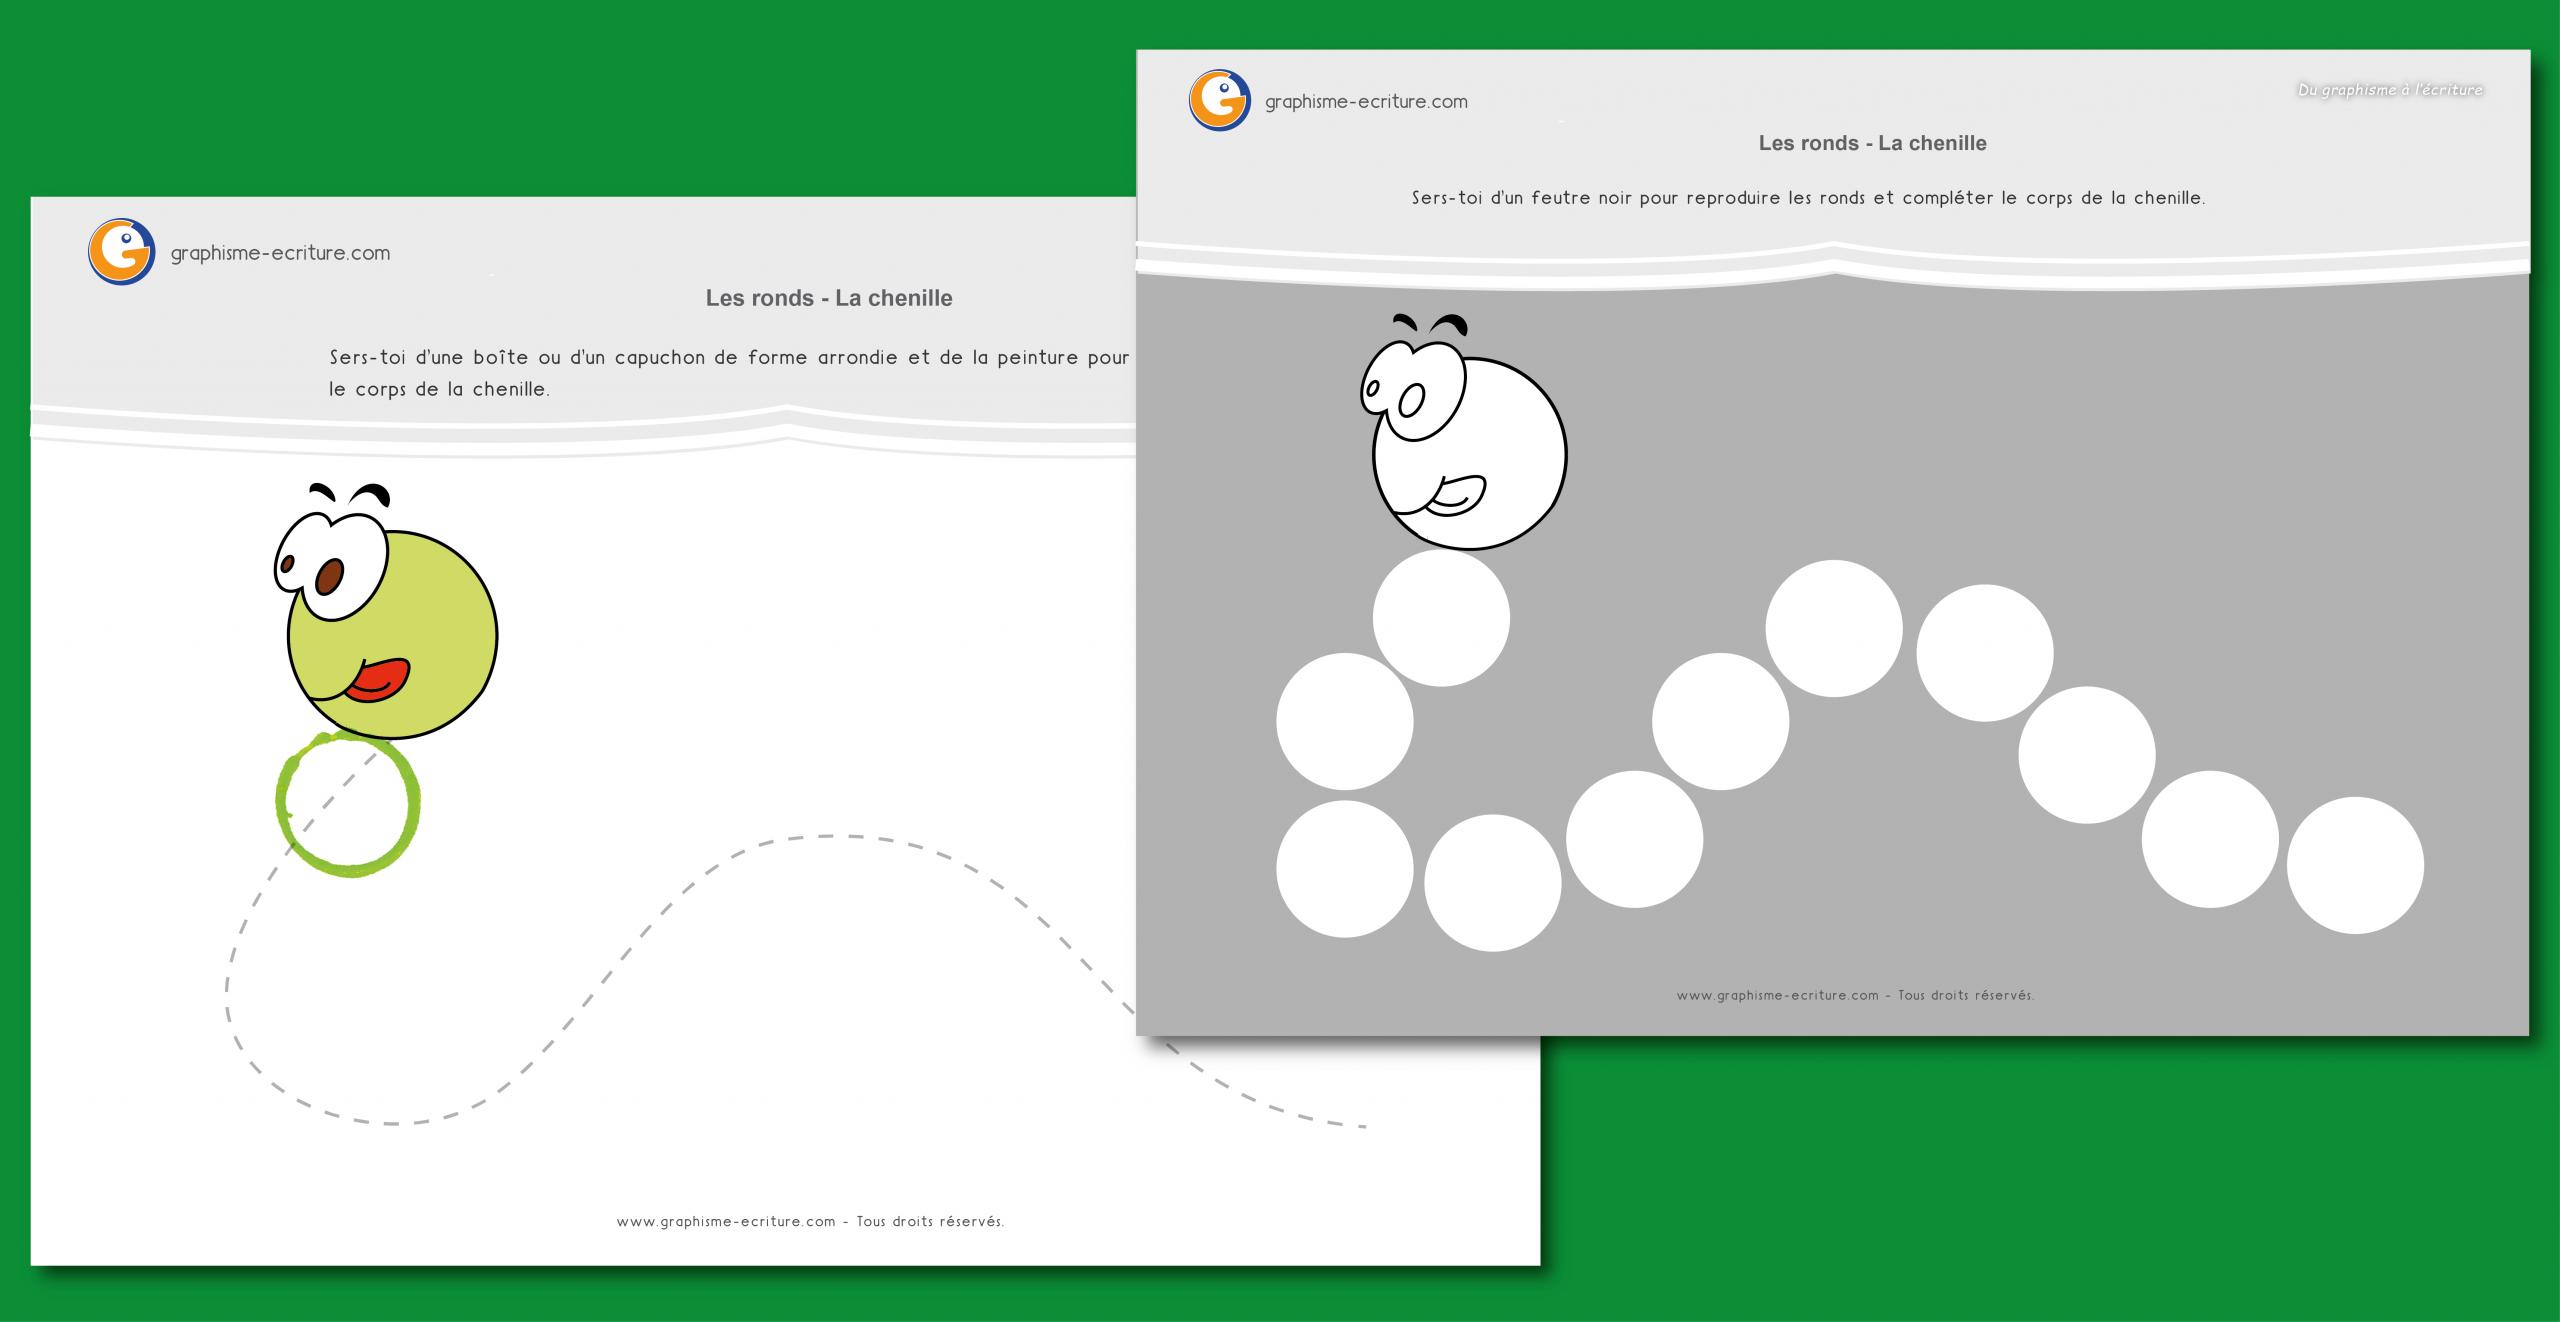 Graphisme Petite Section Ronds : Le Corps De La Chenille avec Exercice Maternelle Petite Section